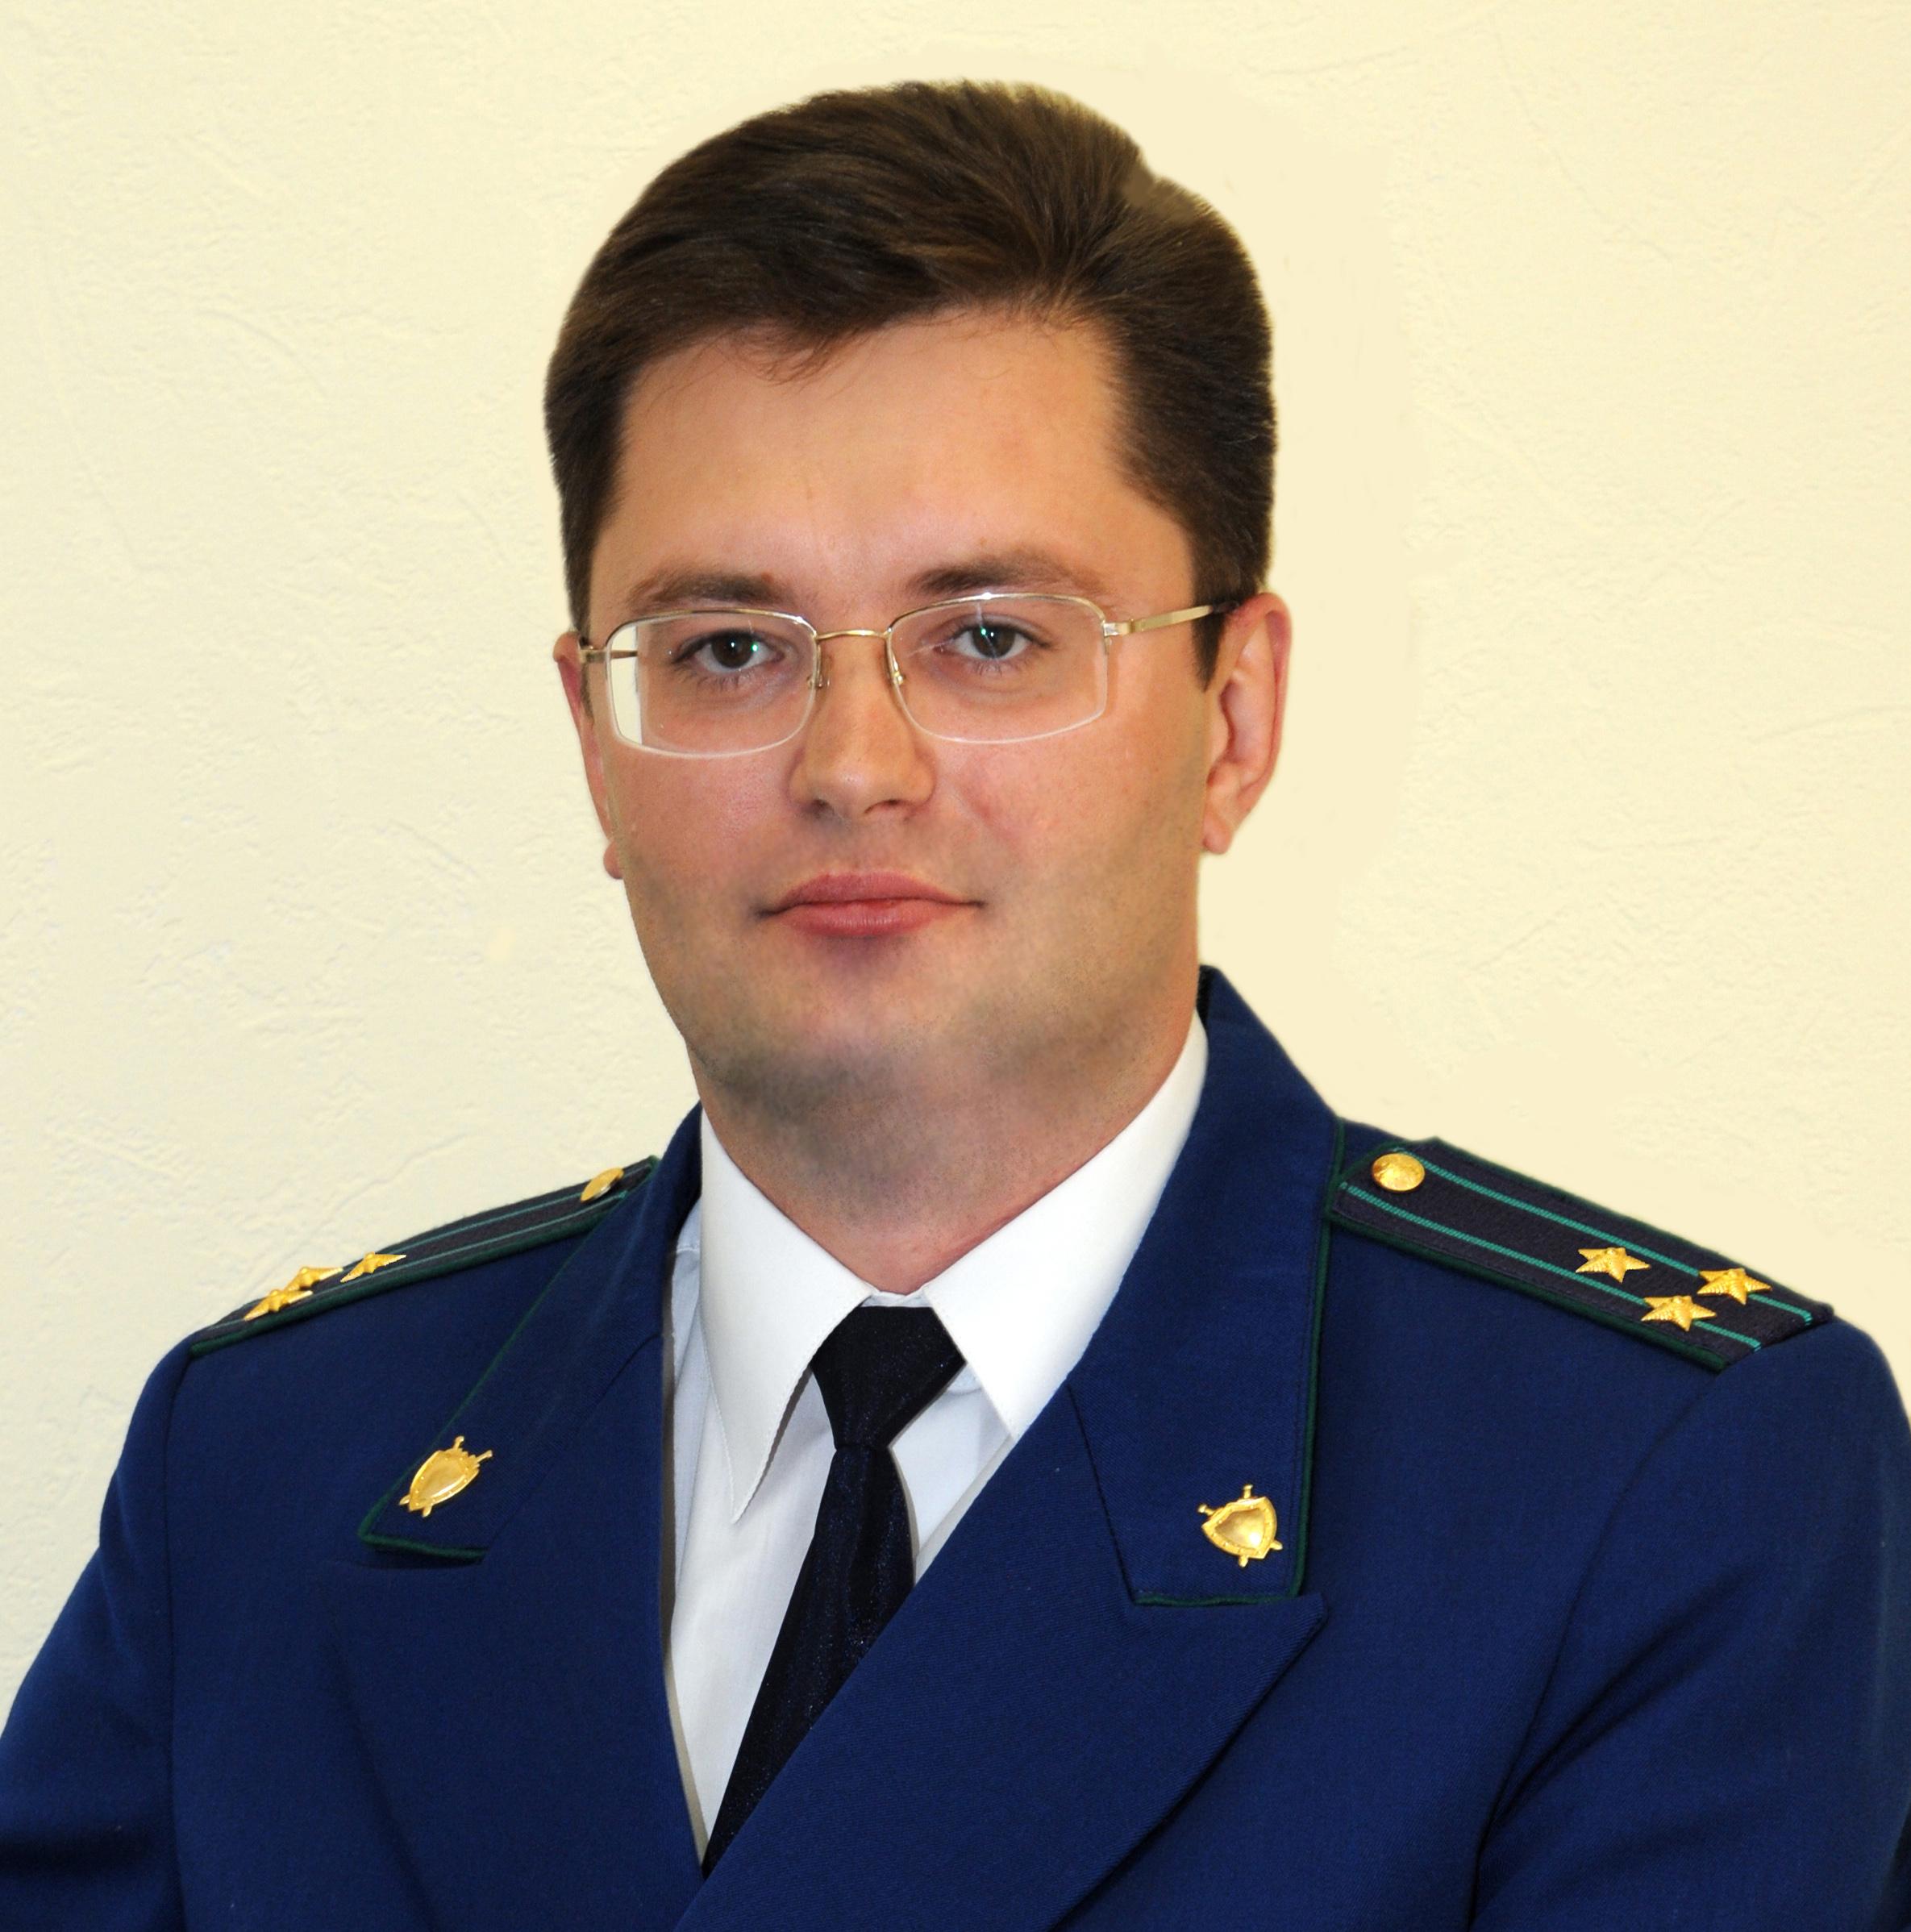 В Курской области судят сына липецкого губернатора